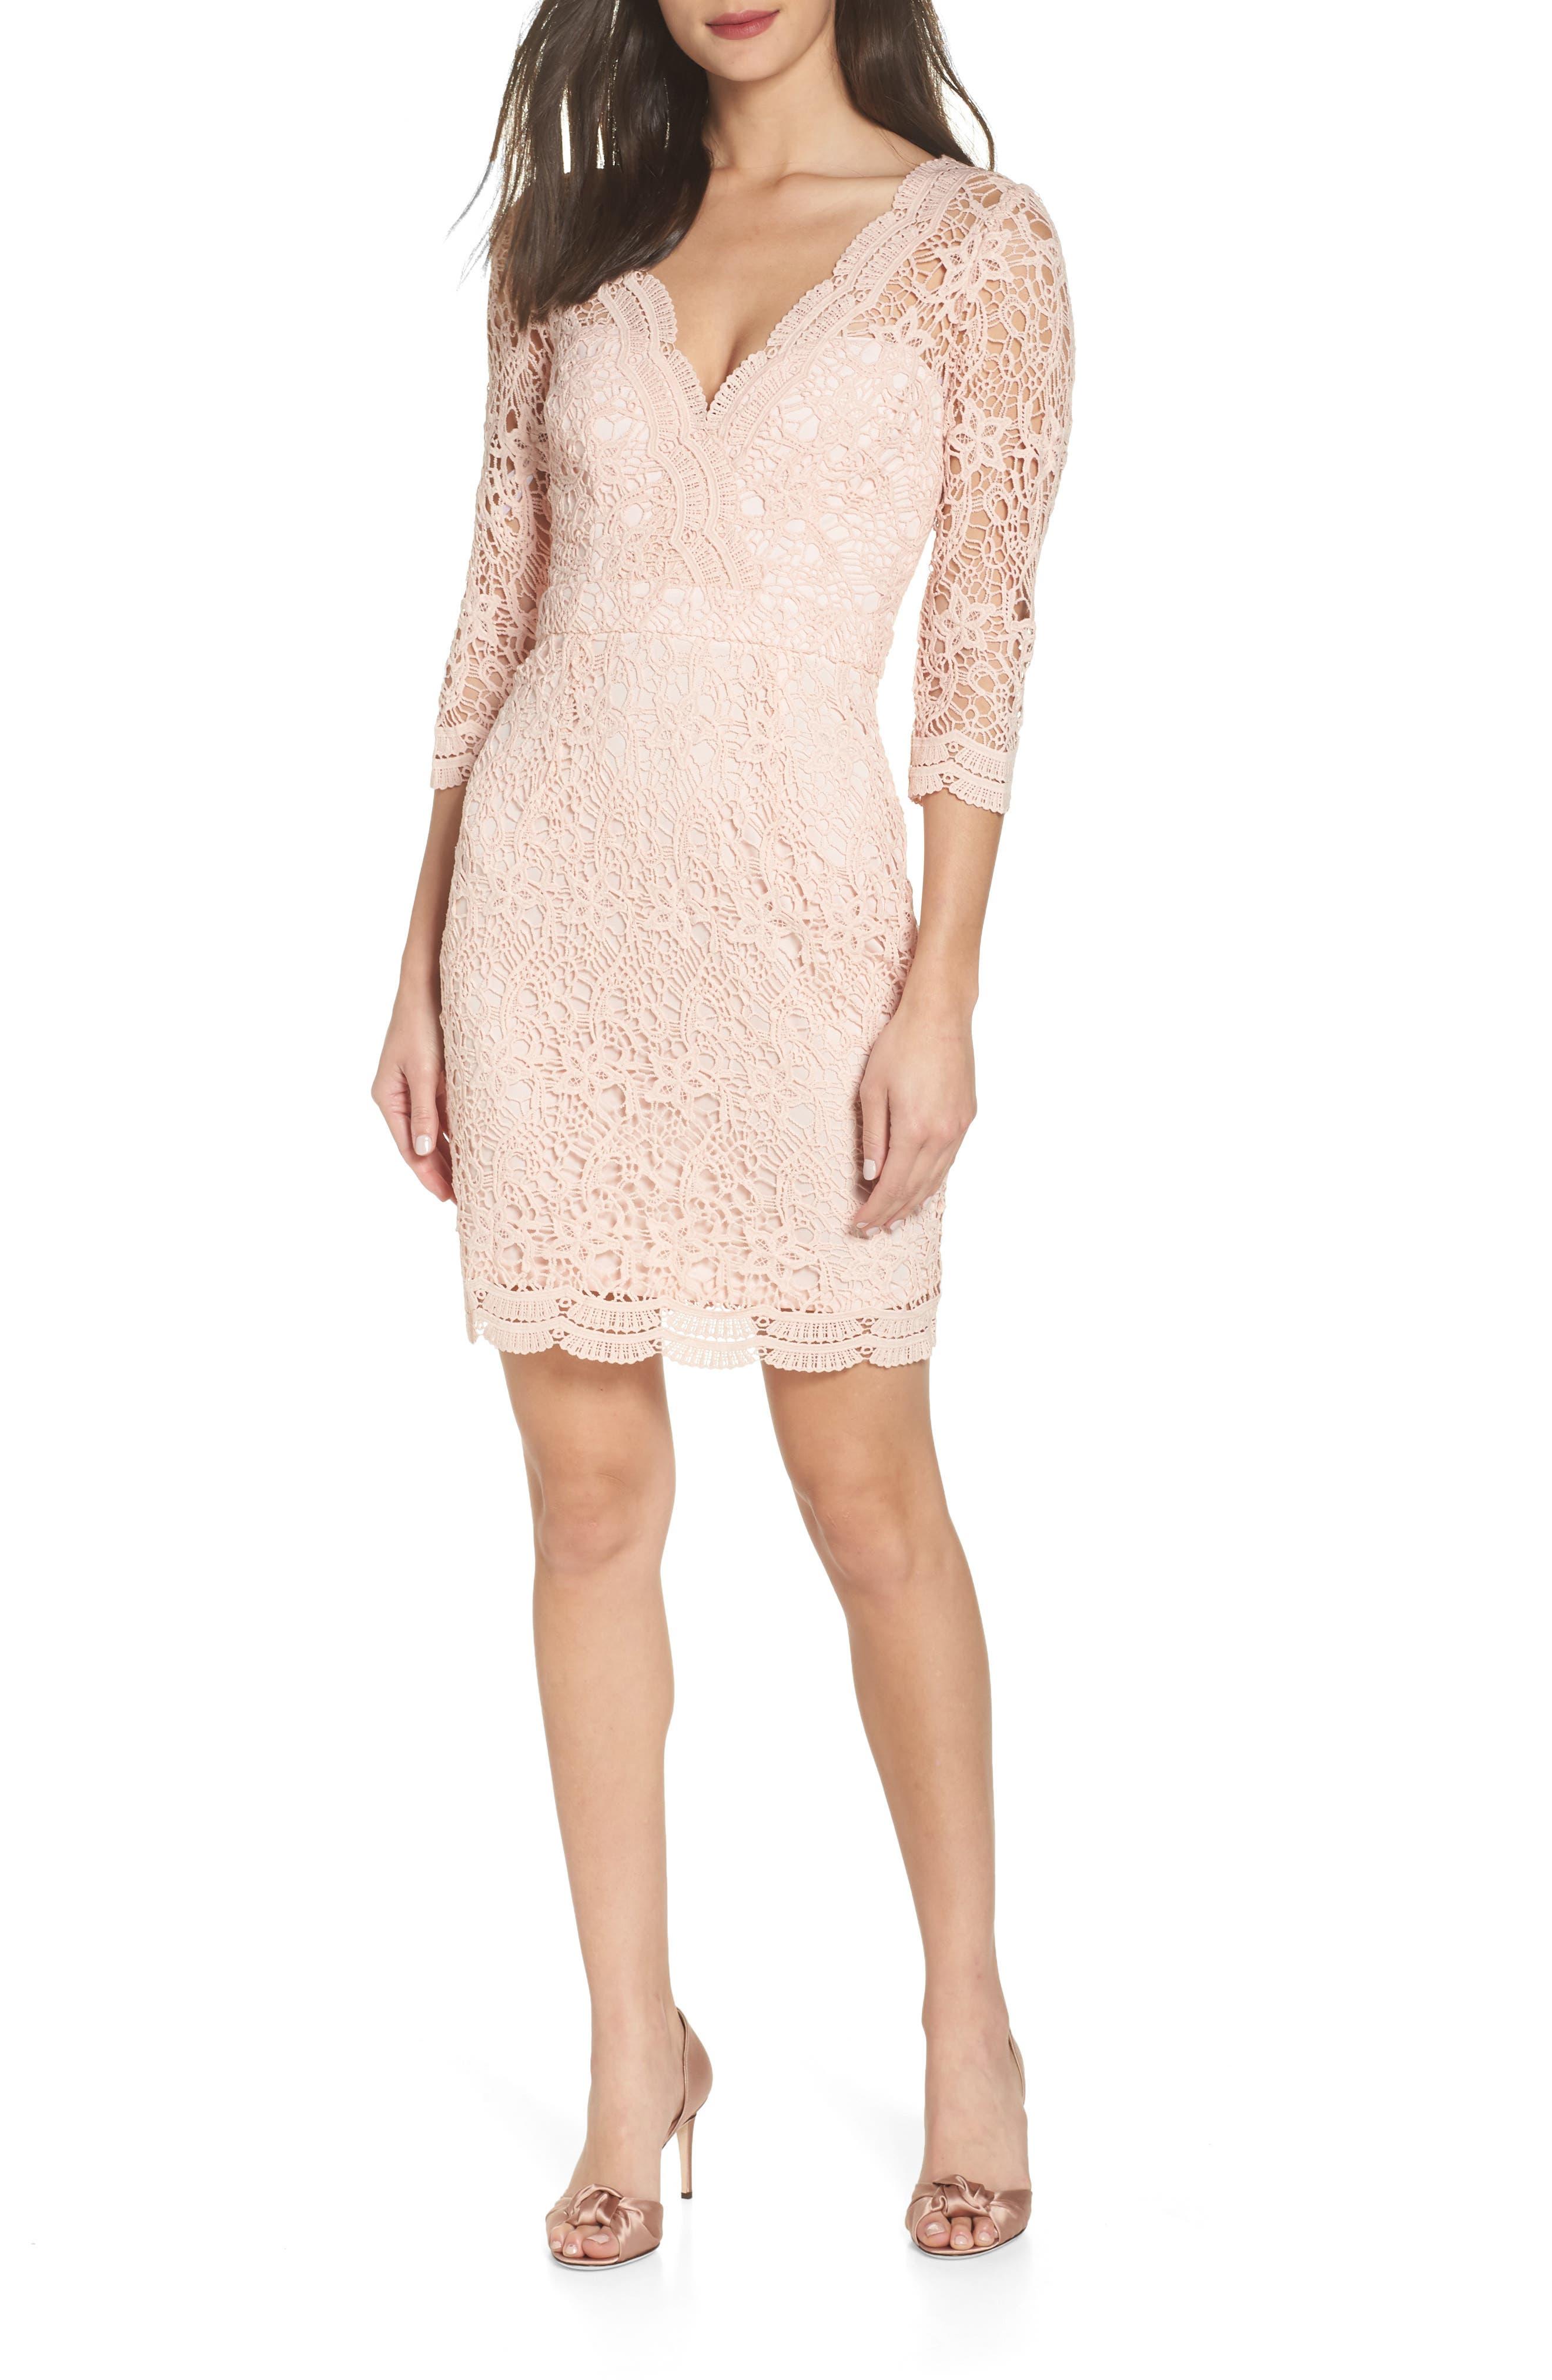 LULUS Lace Cocktail Dress, Main, color, BLUSH